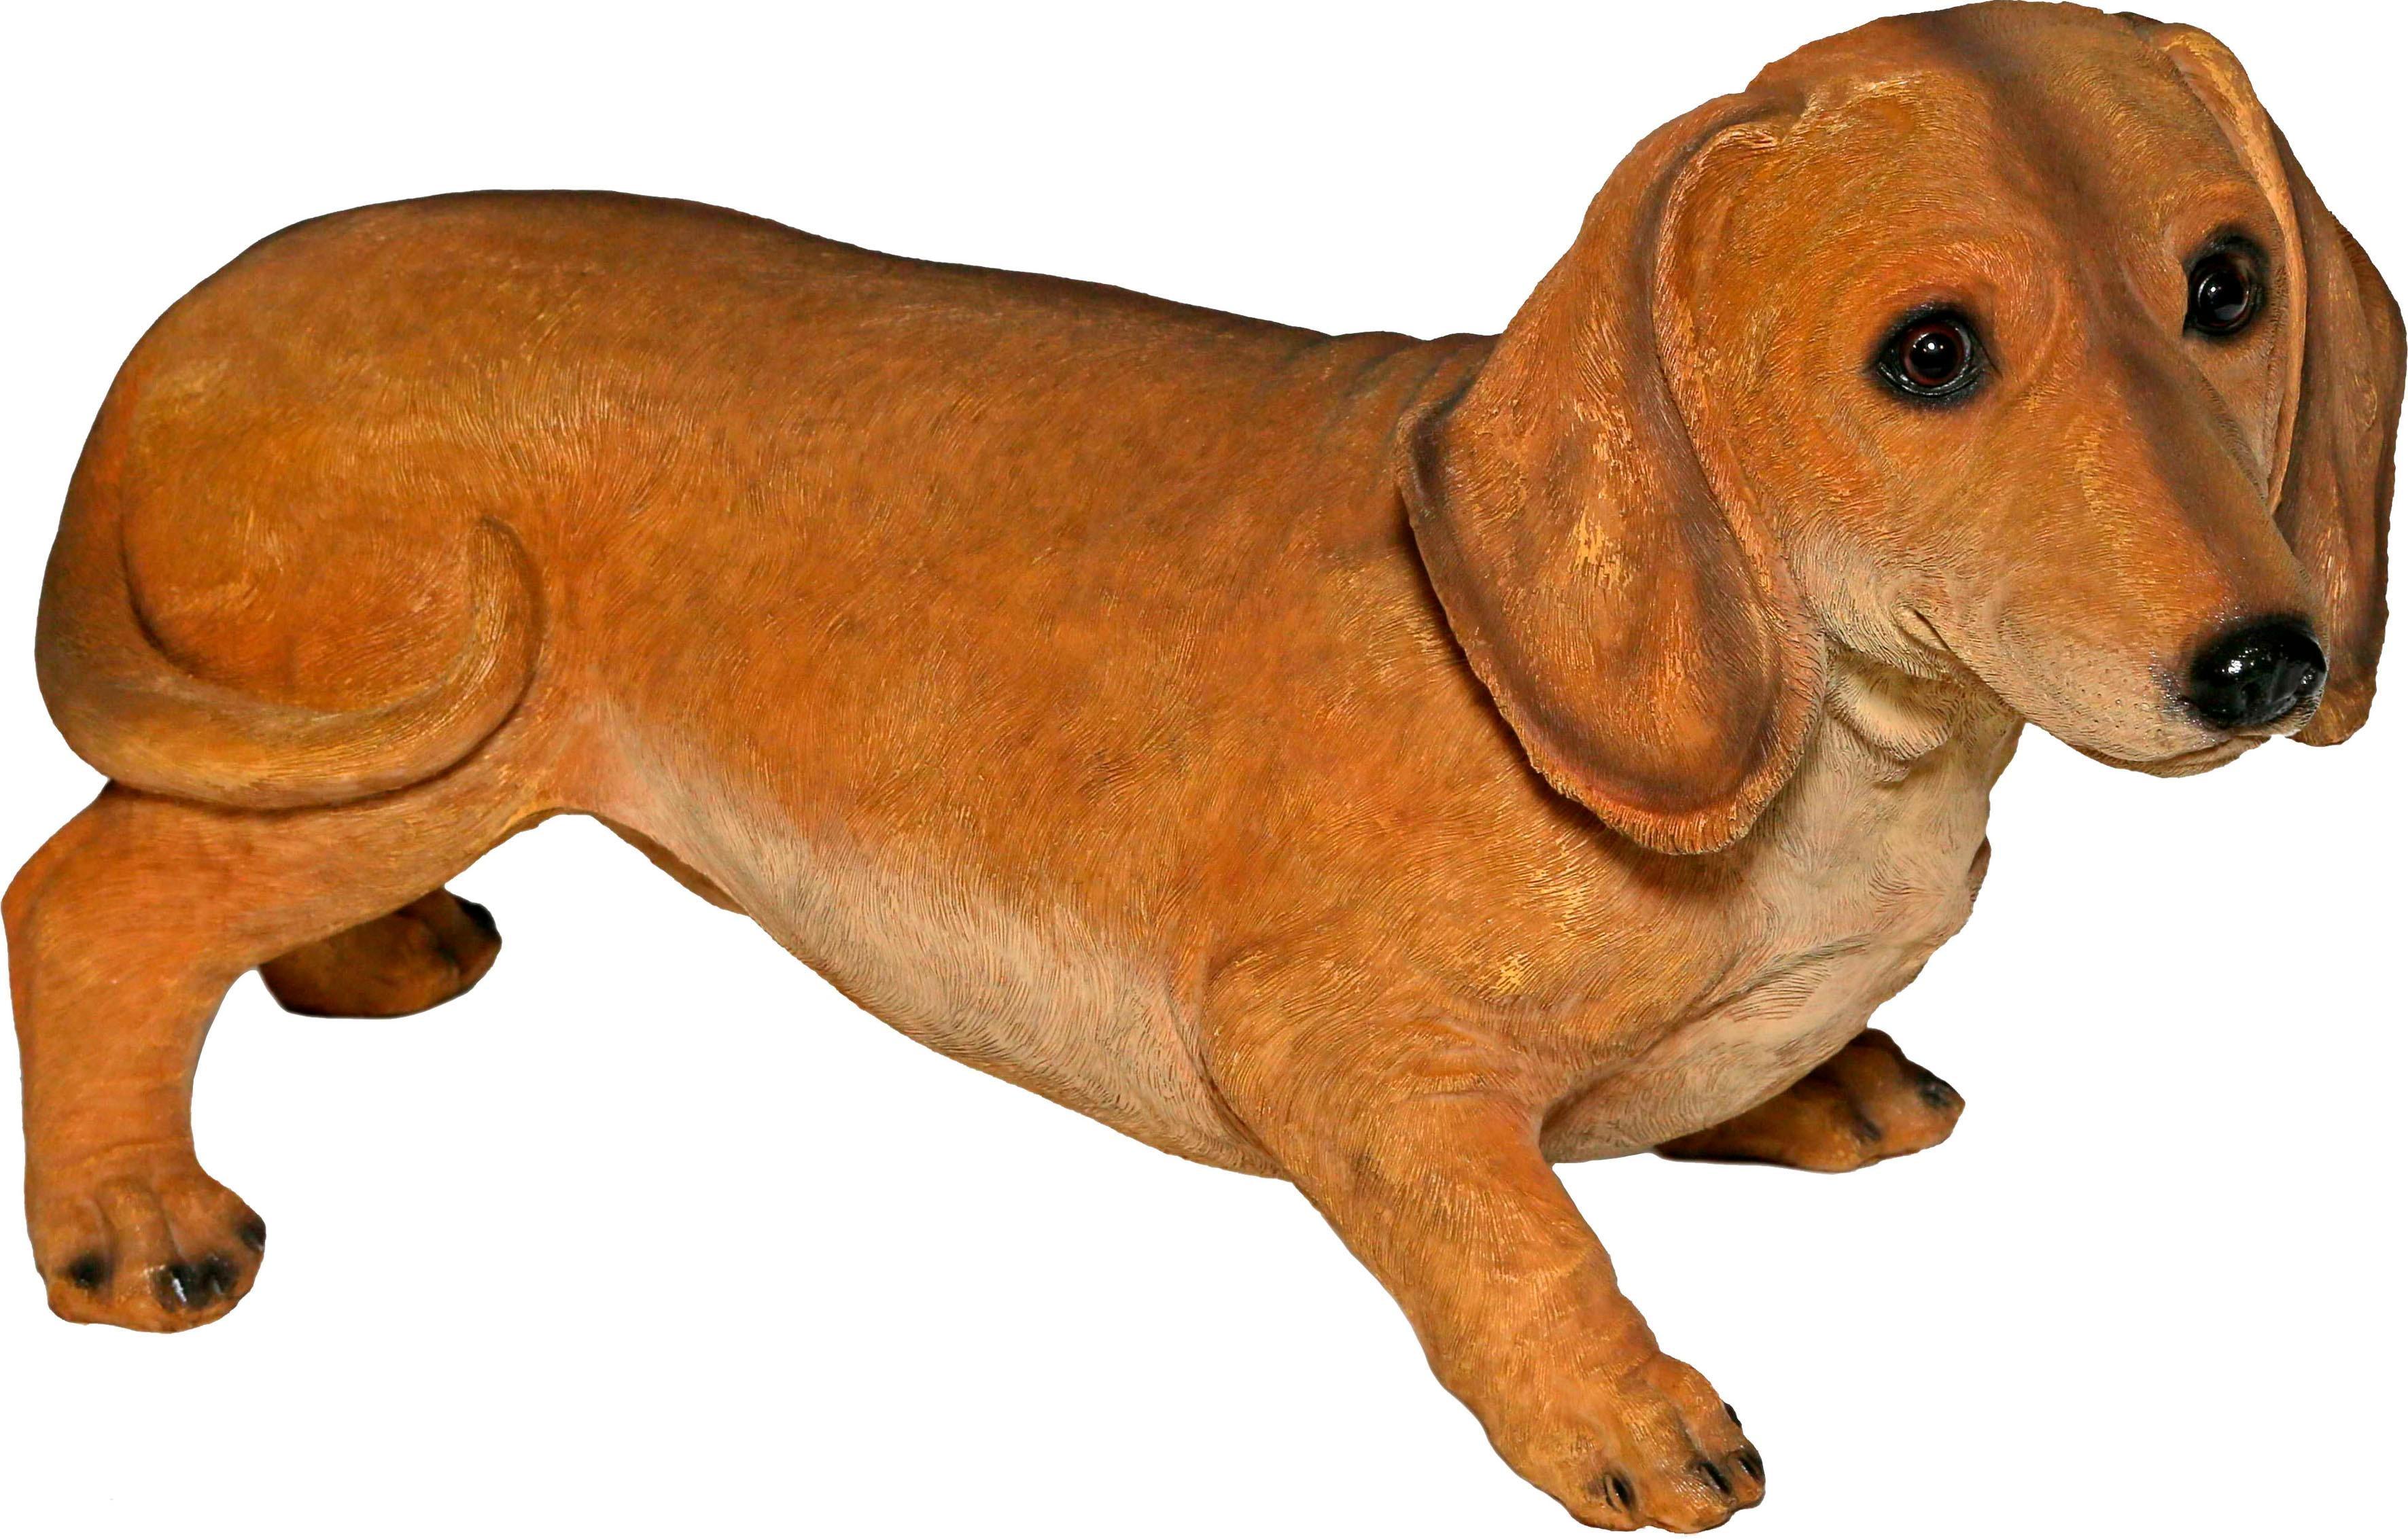 Casa Collection by Jänig Tierfigur, Dackel, braun Tierfiguren Figuren Skulpturen Wohnaccessoires Tierfigur